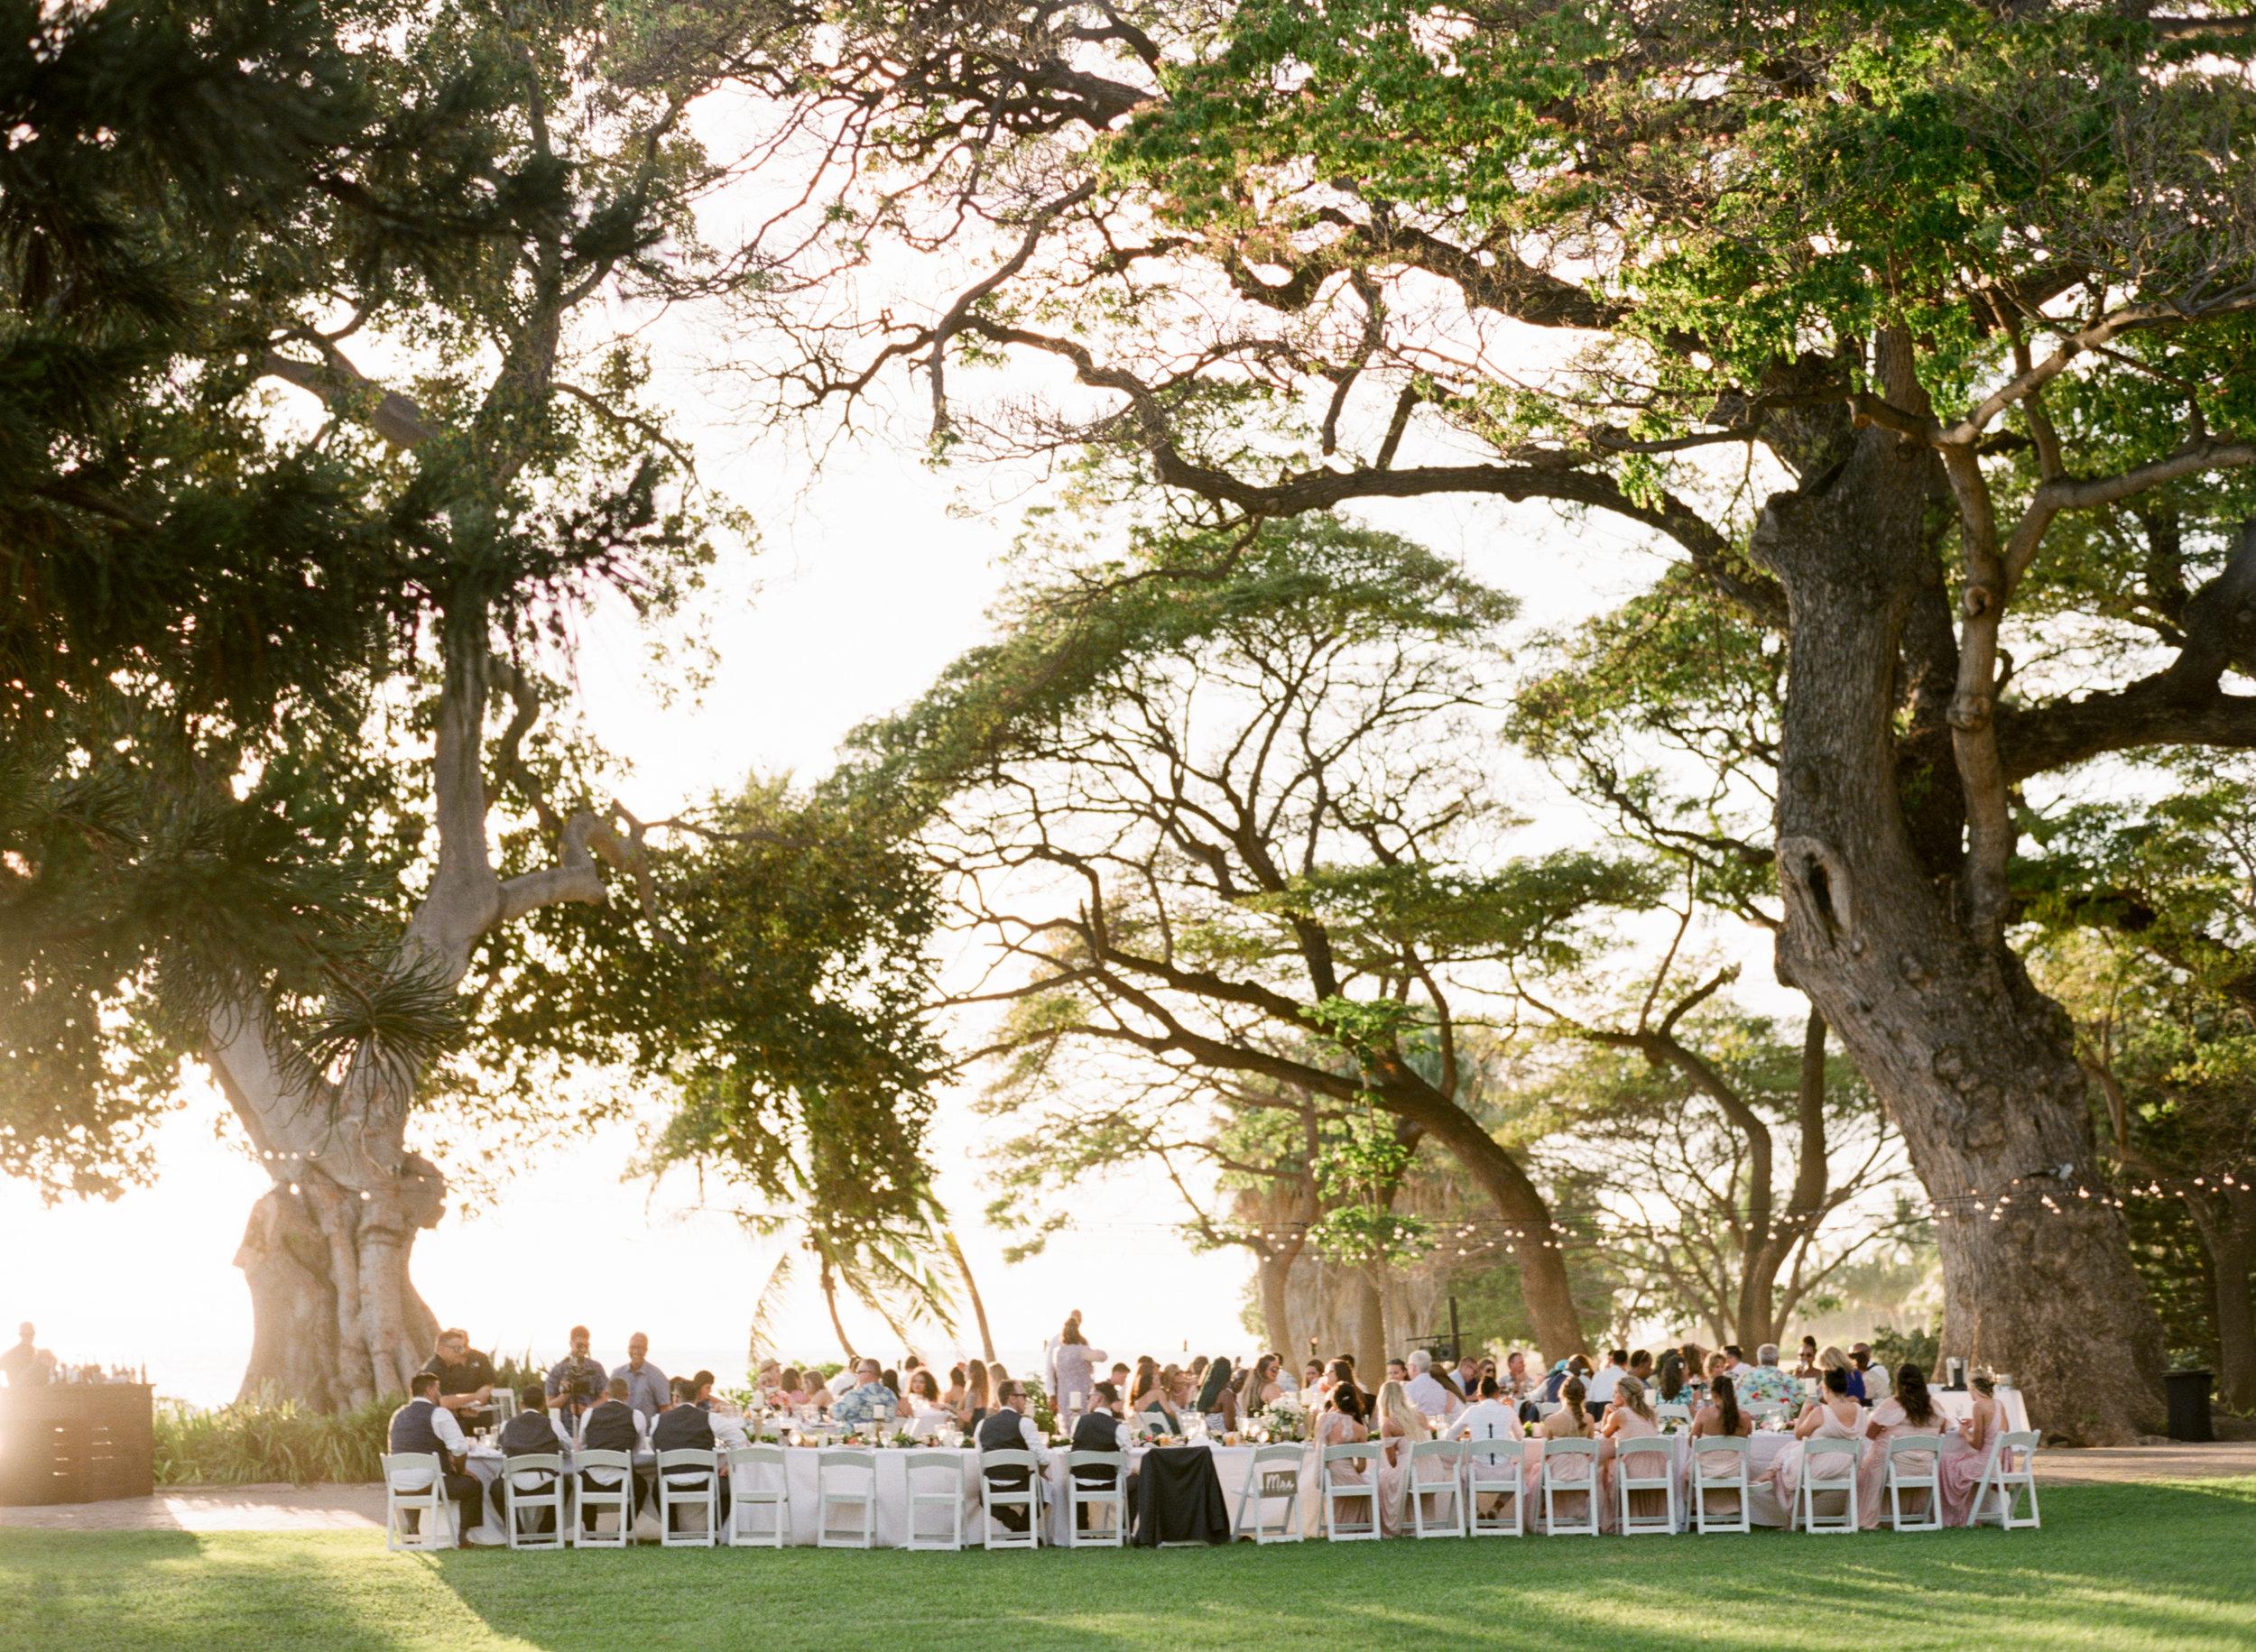 Olowalu-plantation-house-maui-hawaii-wedding-141.jpg